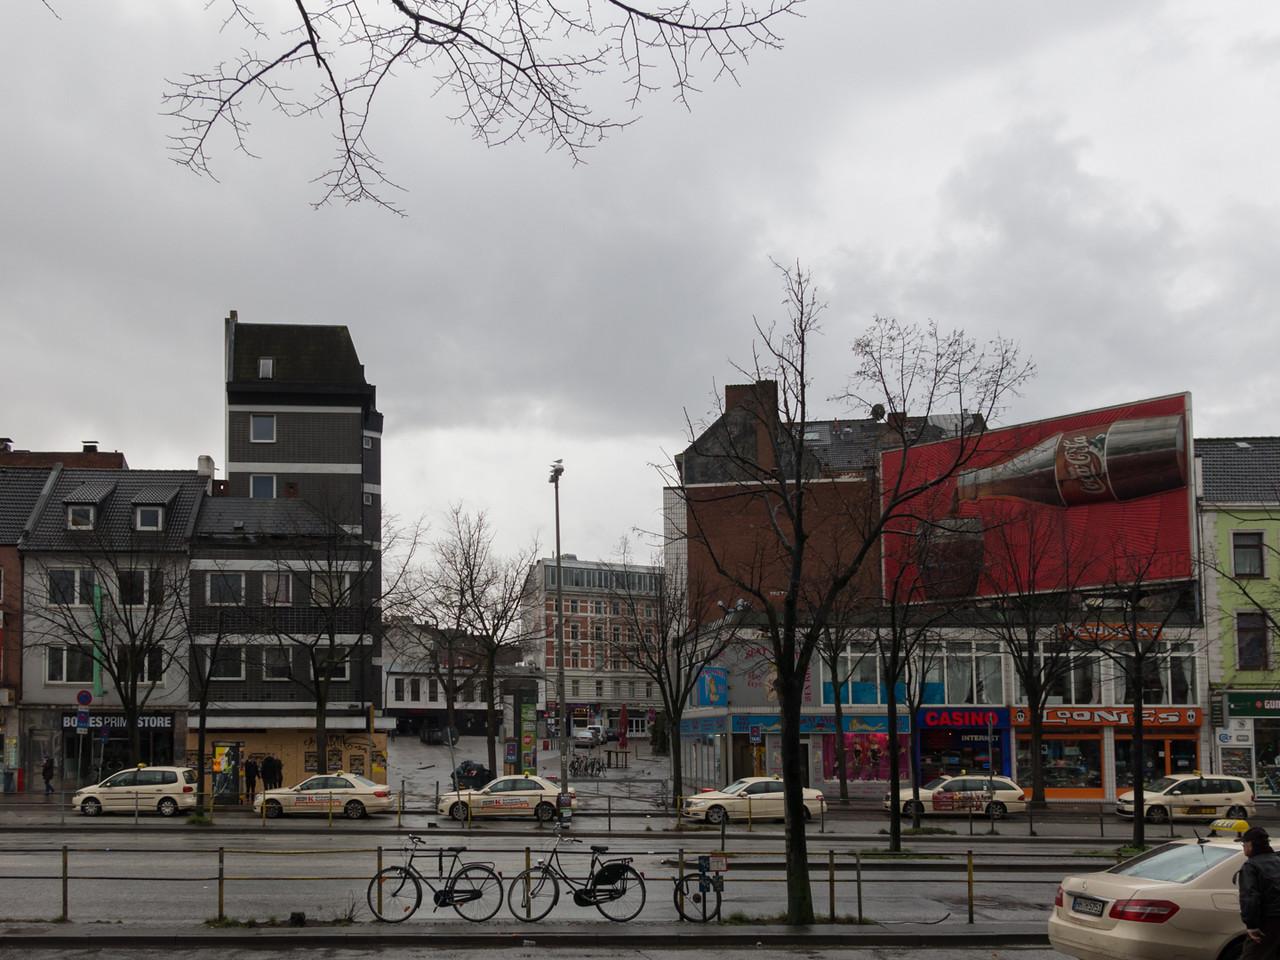 hamburg_2015-01-11_105157